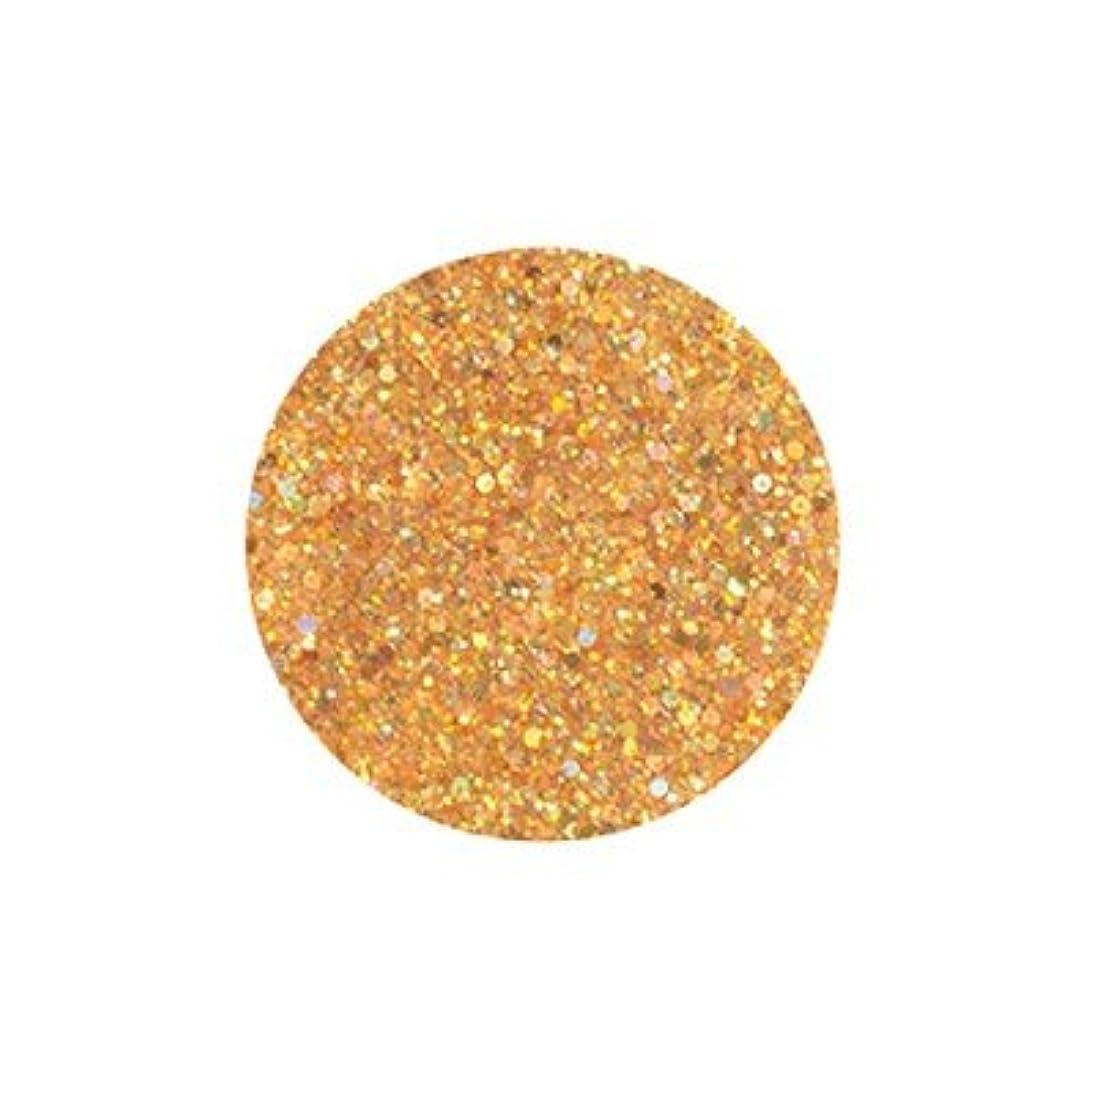 貸し手キャベツ養うFANTASY NAIL ダイヤモンドコレクション 3g 4254XS カラーパウダー アート材